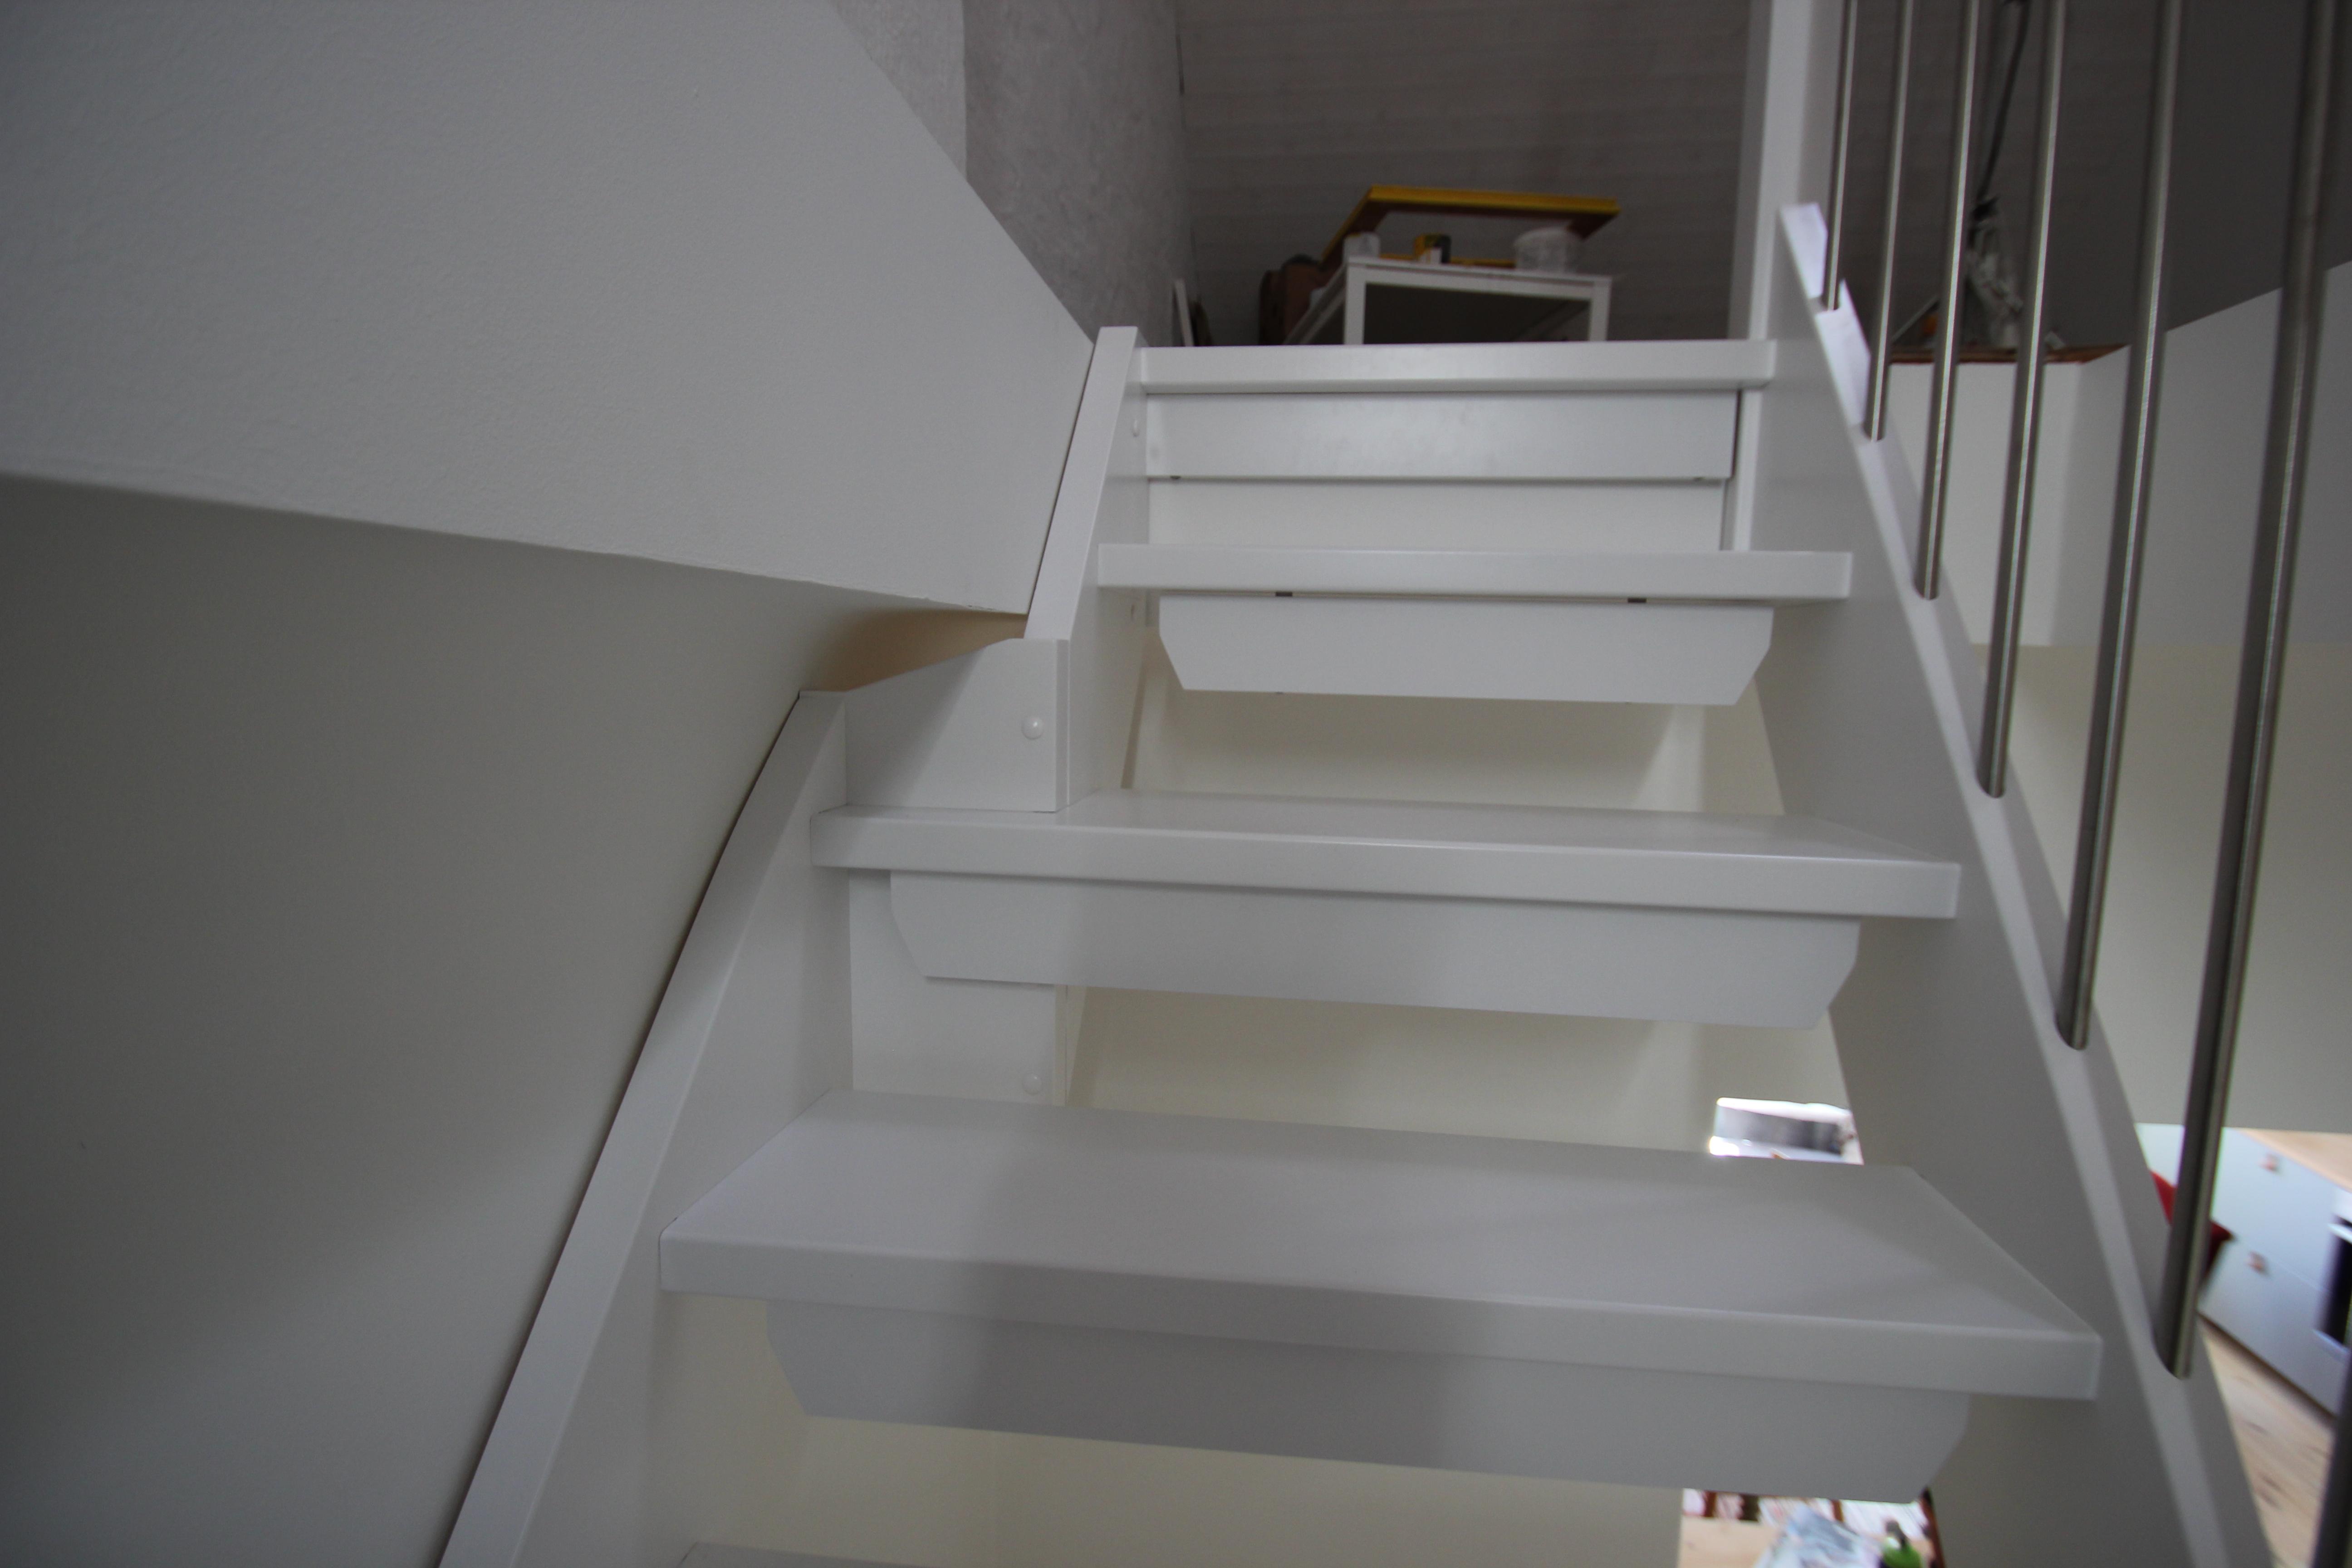 Specialtrappor -trapptillverkaren trappor